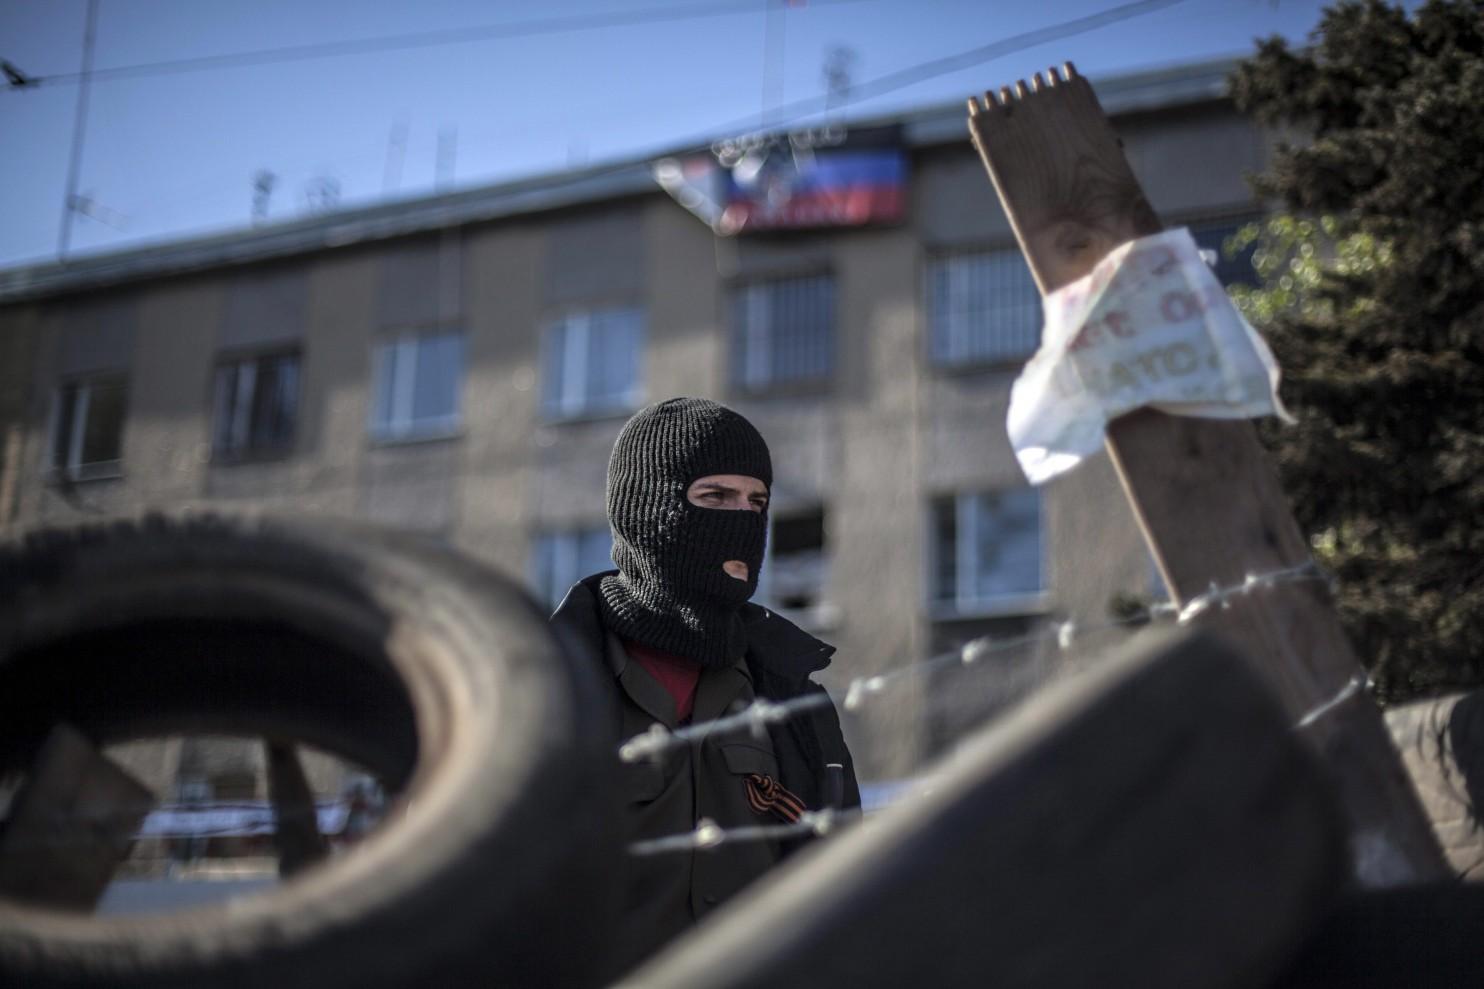 карин, террористы, боевики, груз 200, лнр, днр, луганск, донецк, ато, донбасс, армия россии, новости украины